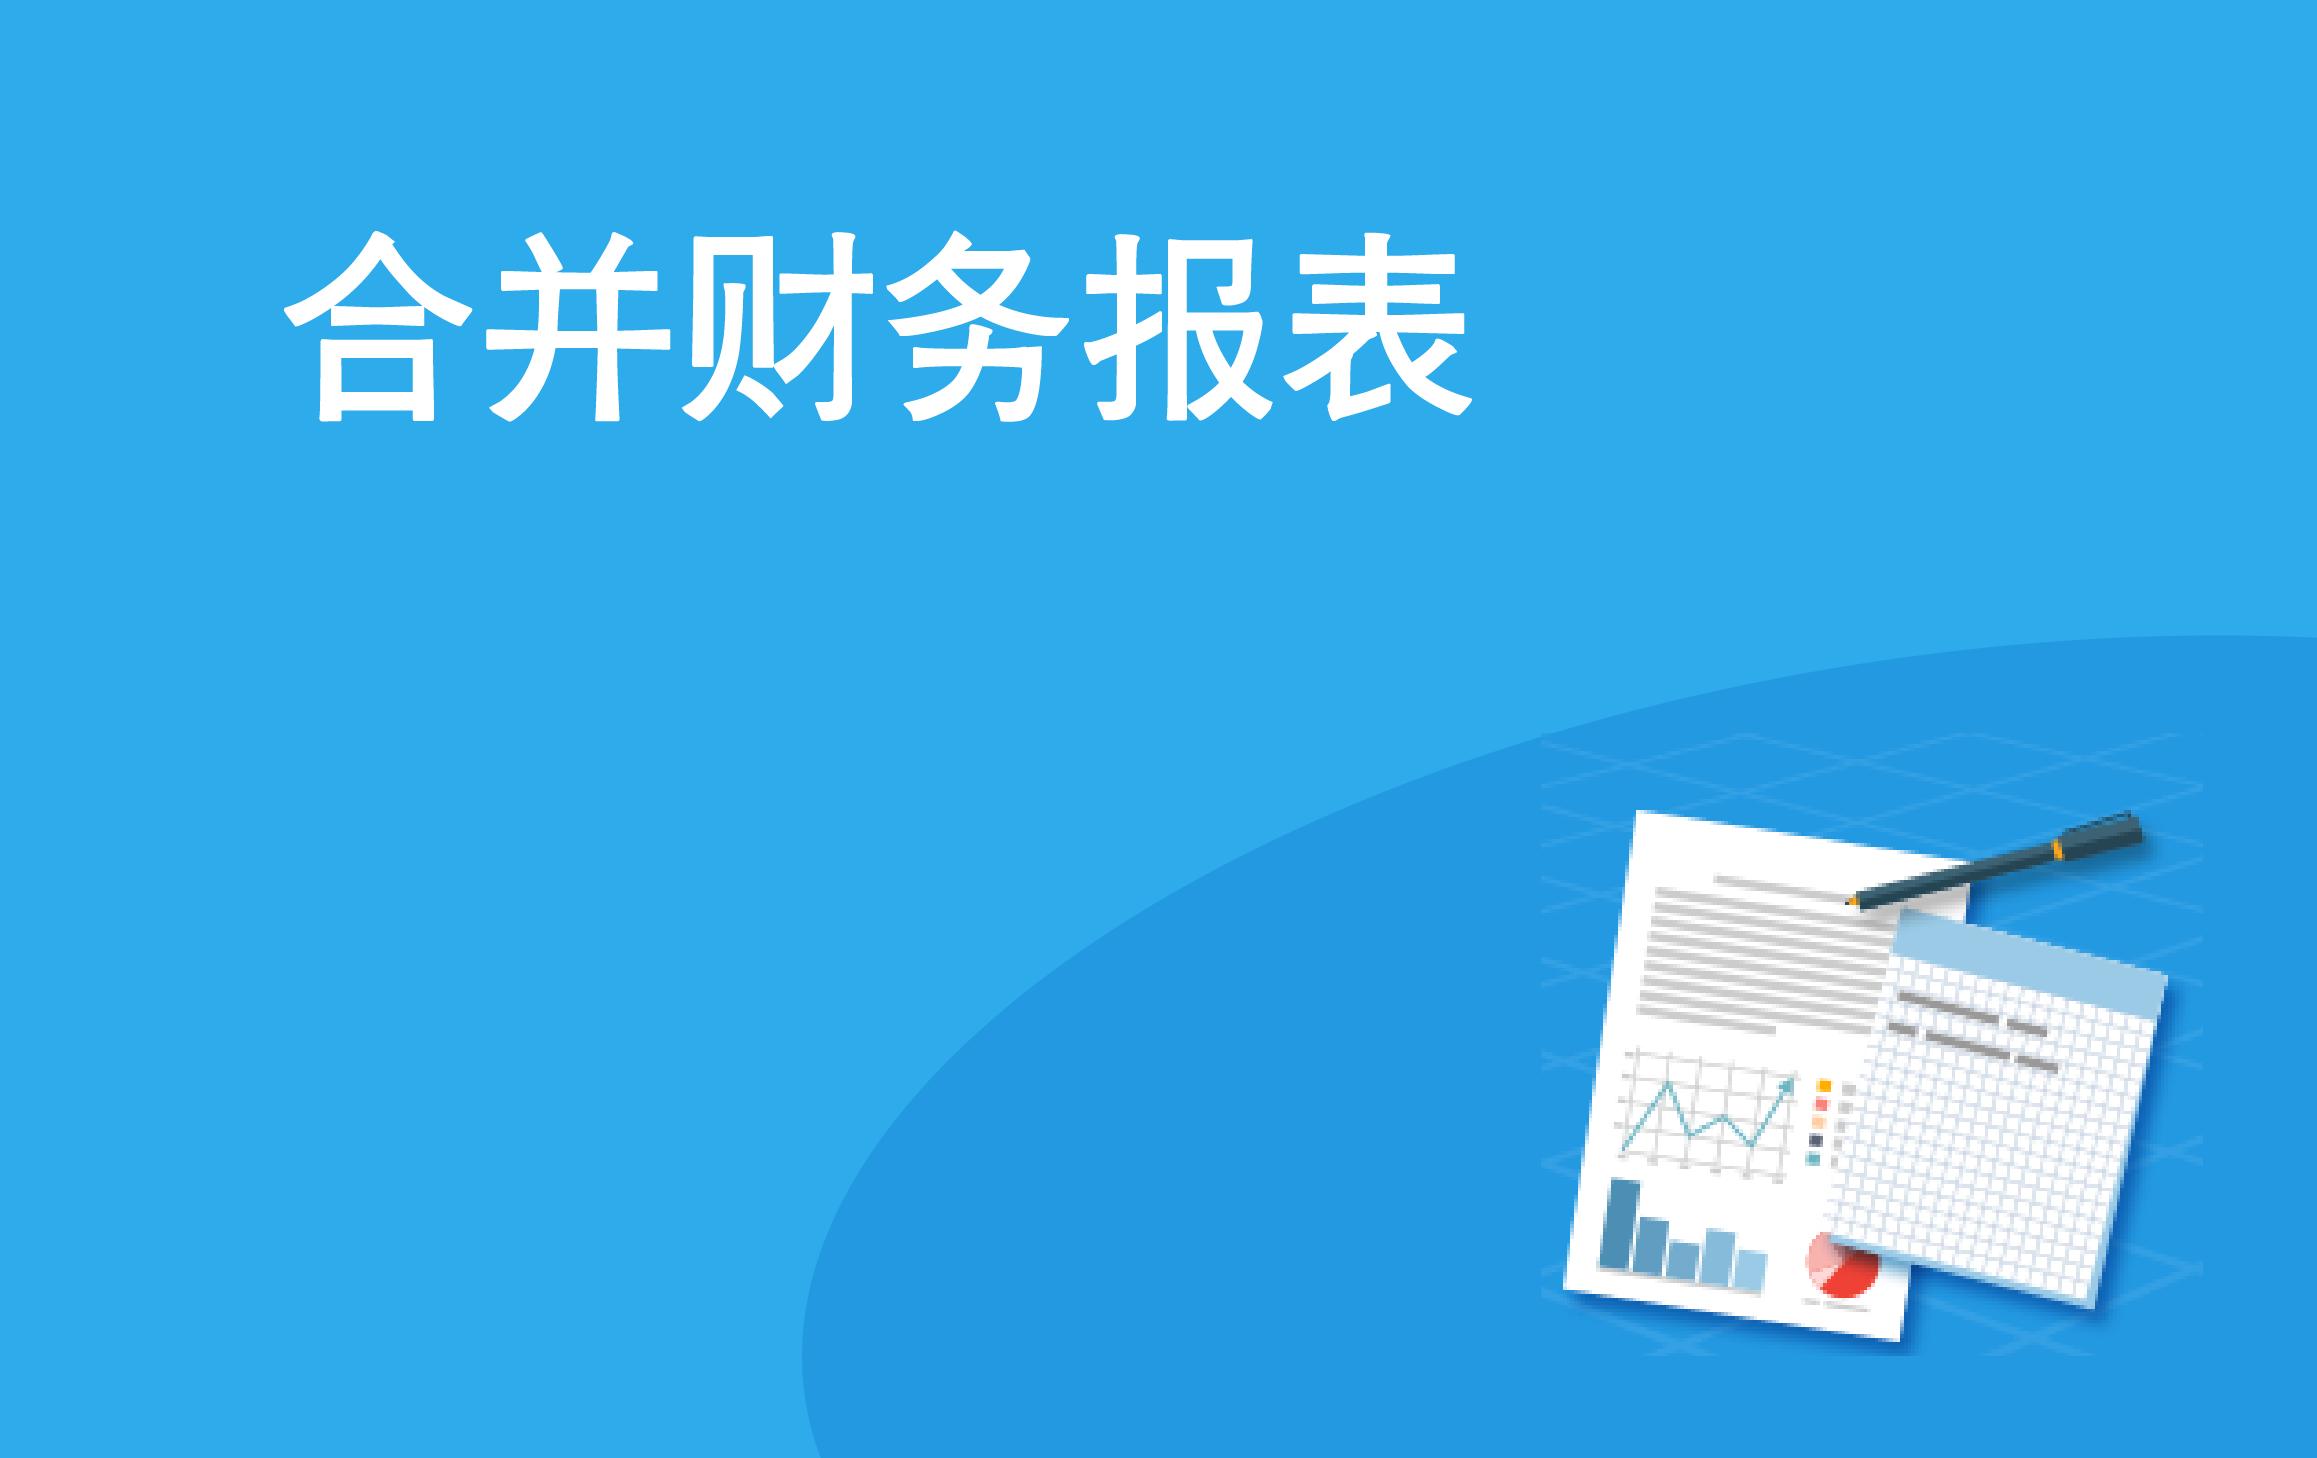 會計準則更新之合并財務報表解析